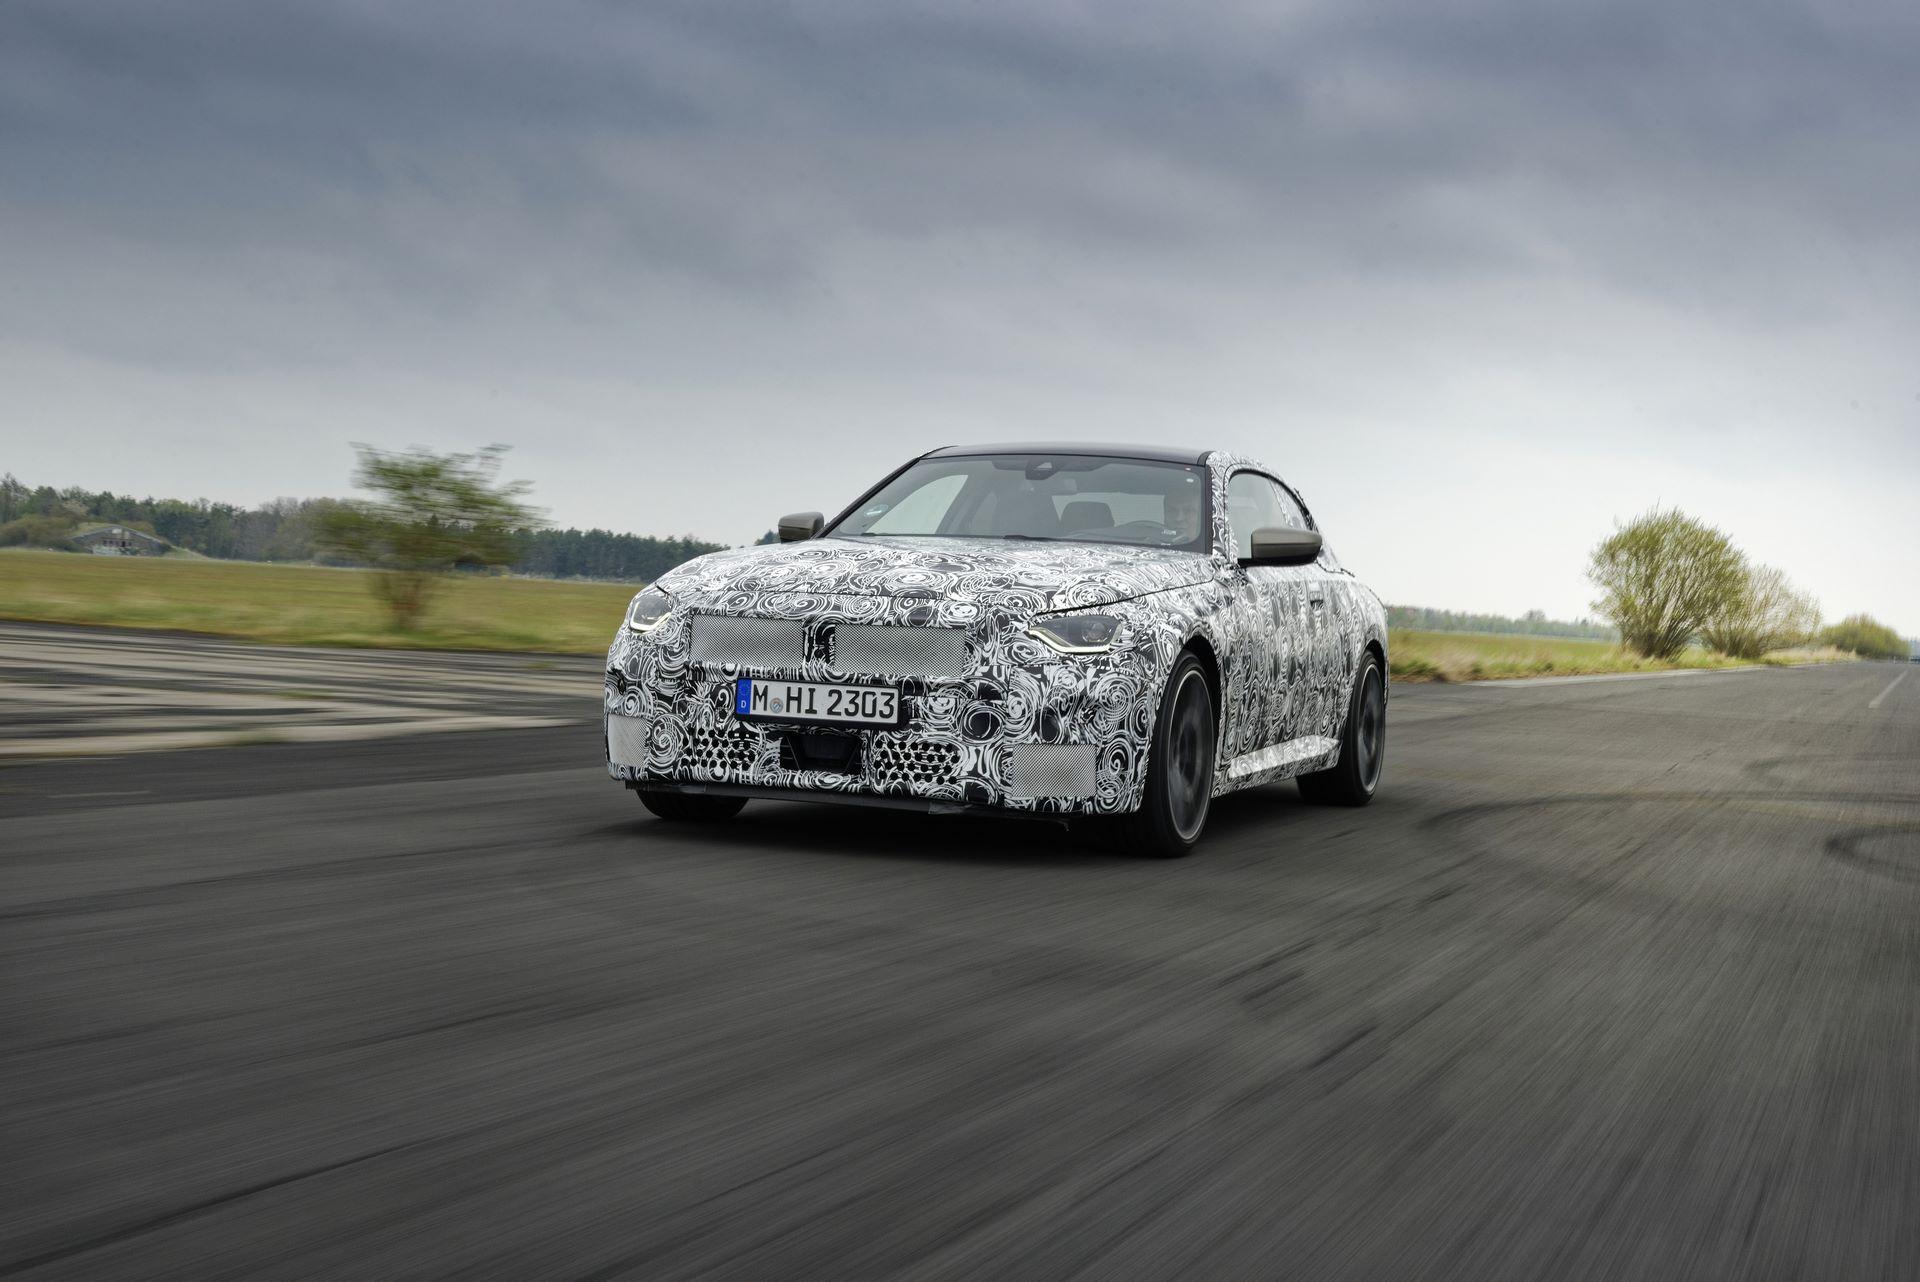 BMW-2-Series-M240i-spy-photos-58